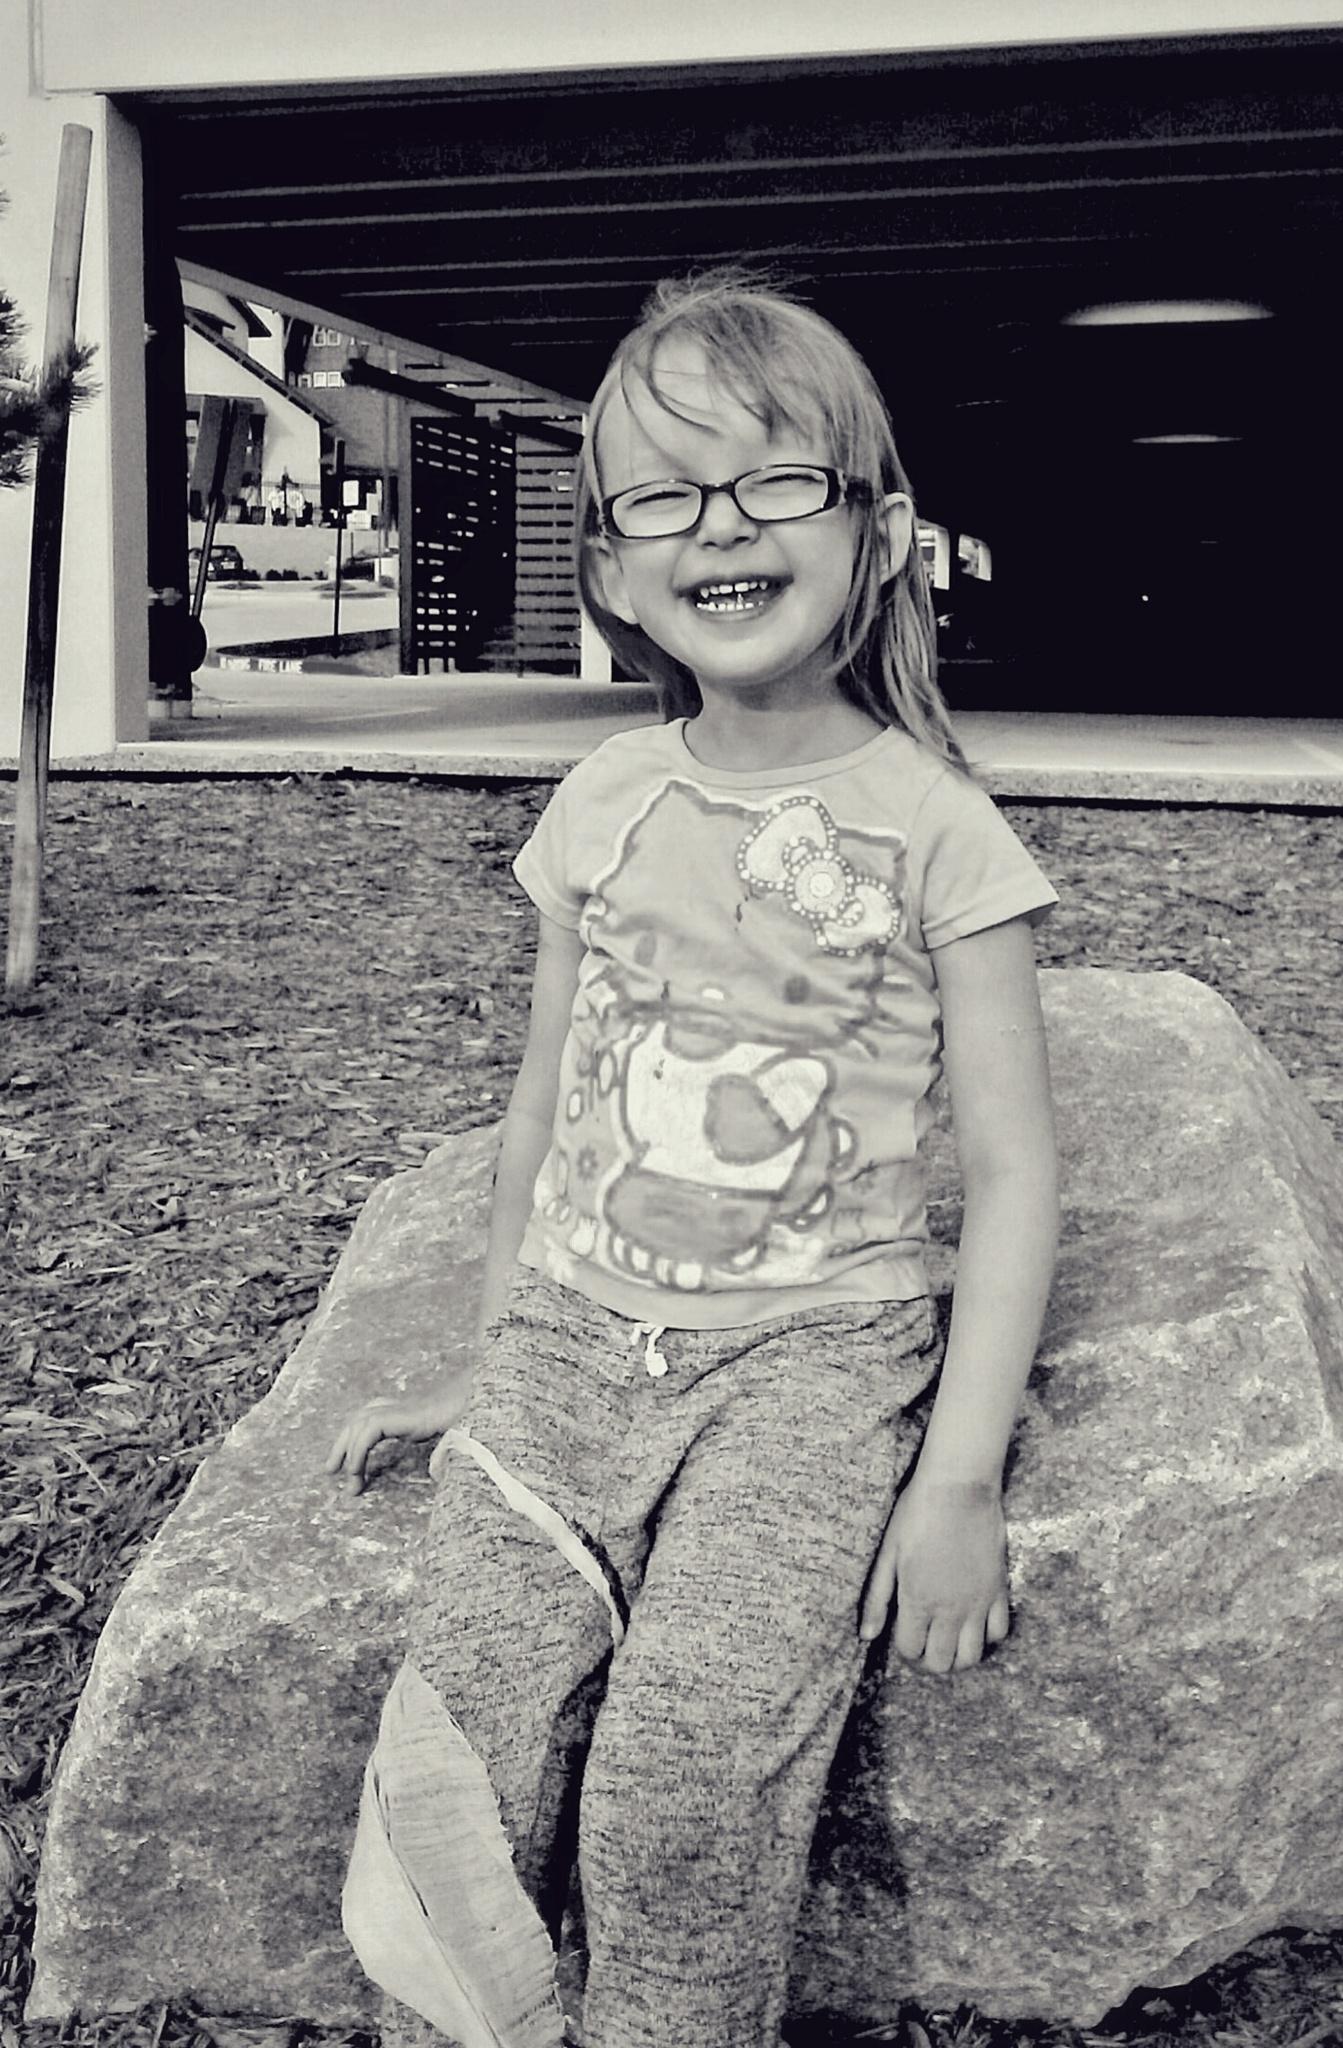 Harper Rose (In Black&White) by Kyle Tilley